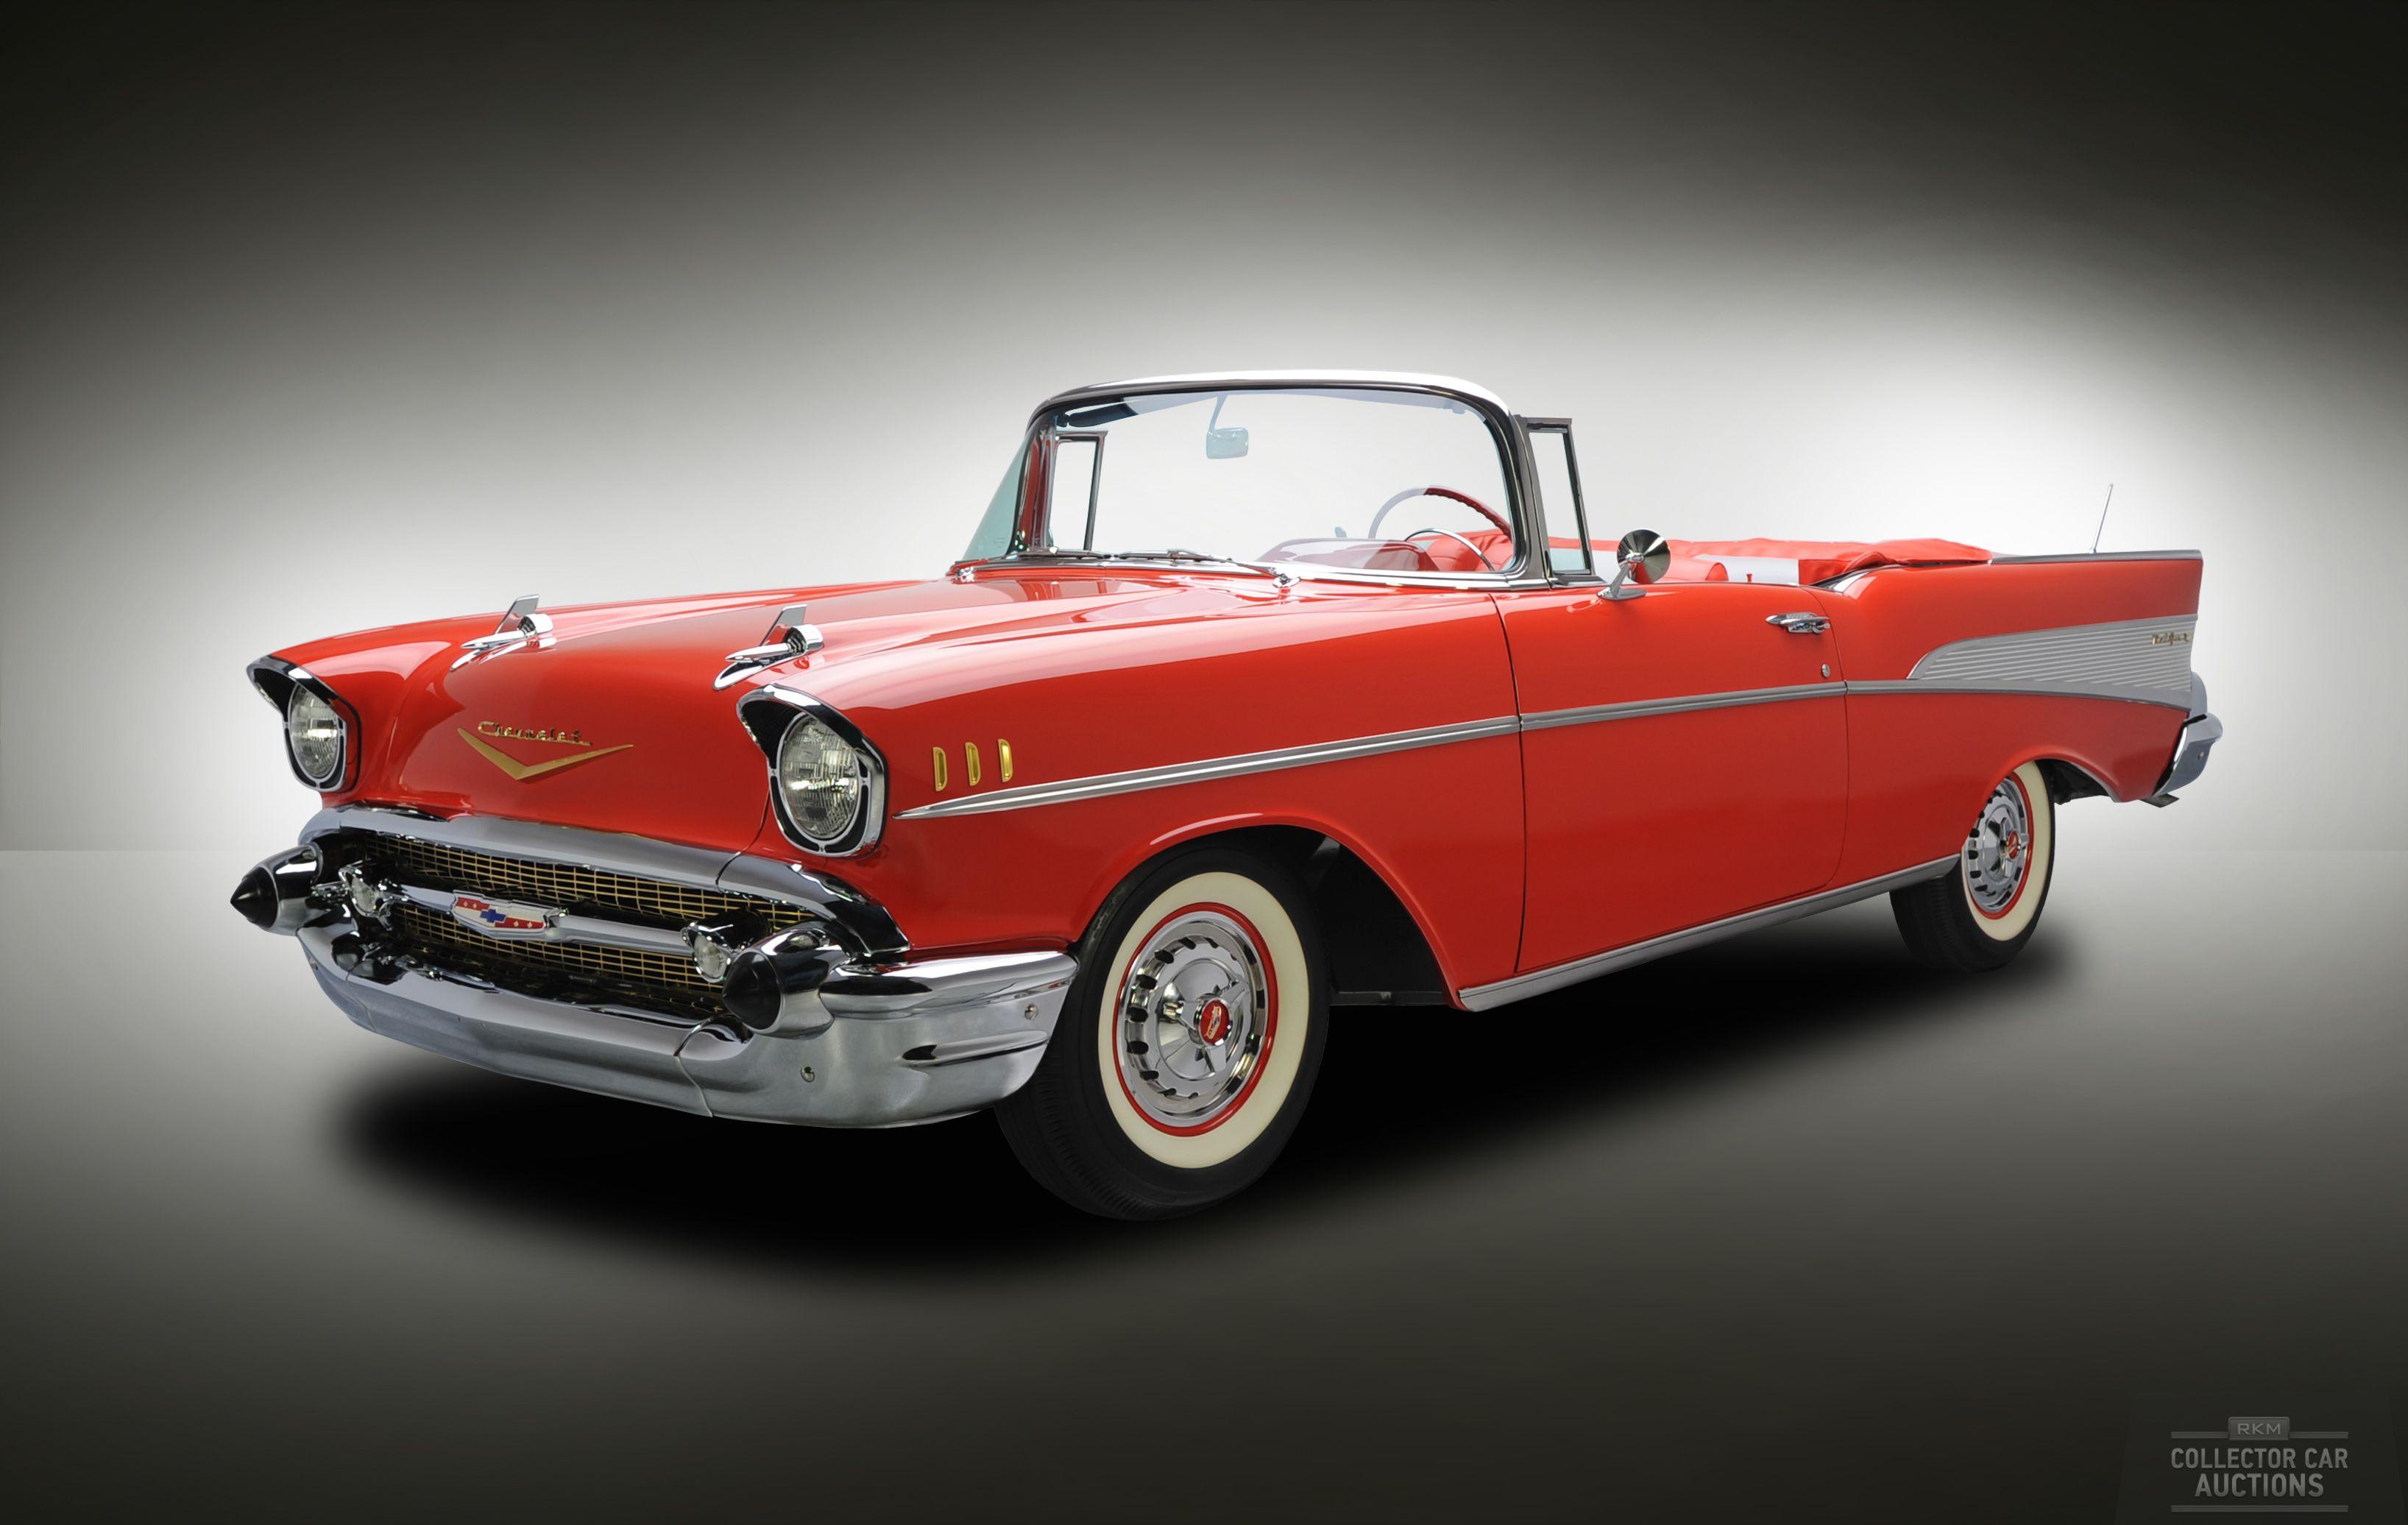 1957 Chevy Bel Air Convertible Cars & Trucks Pinterest